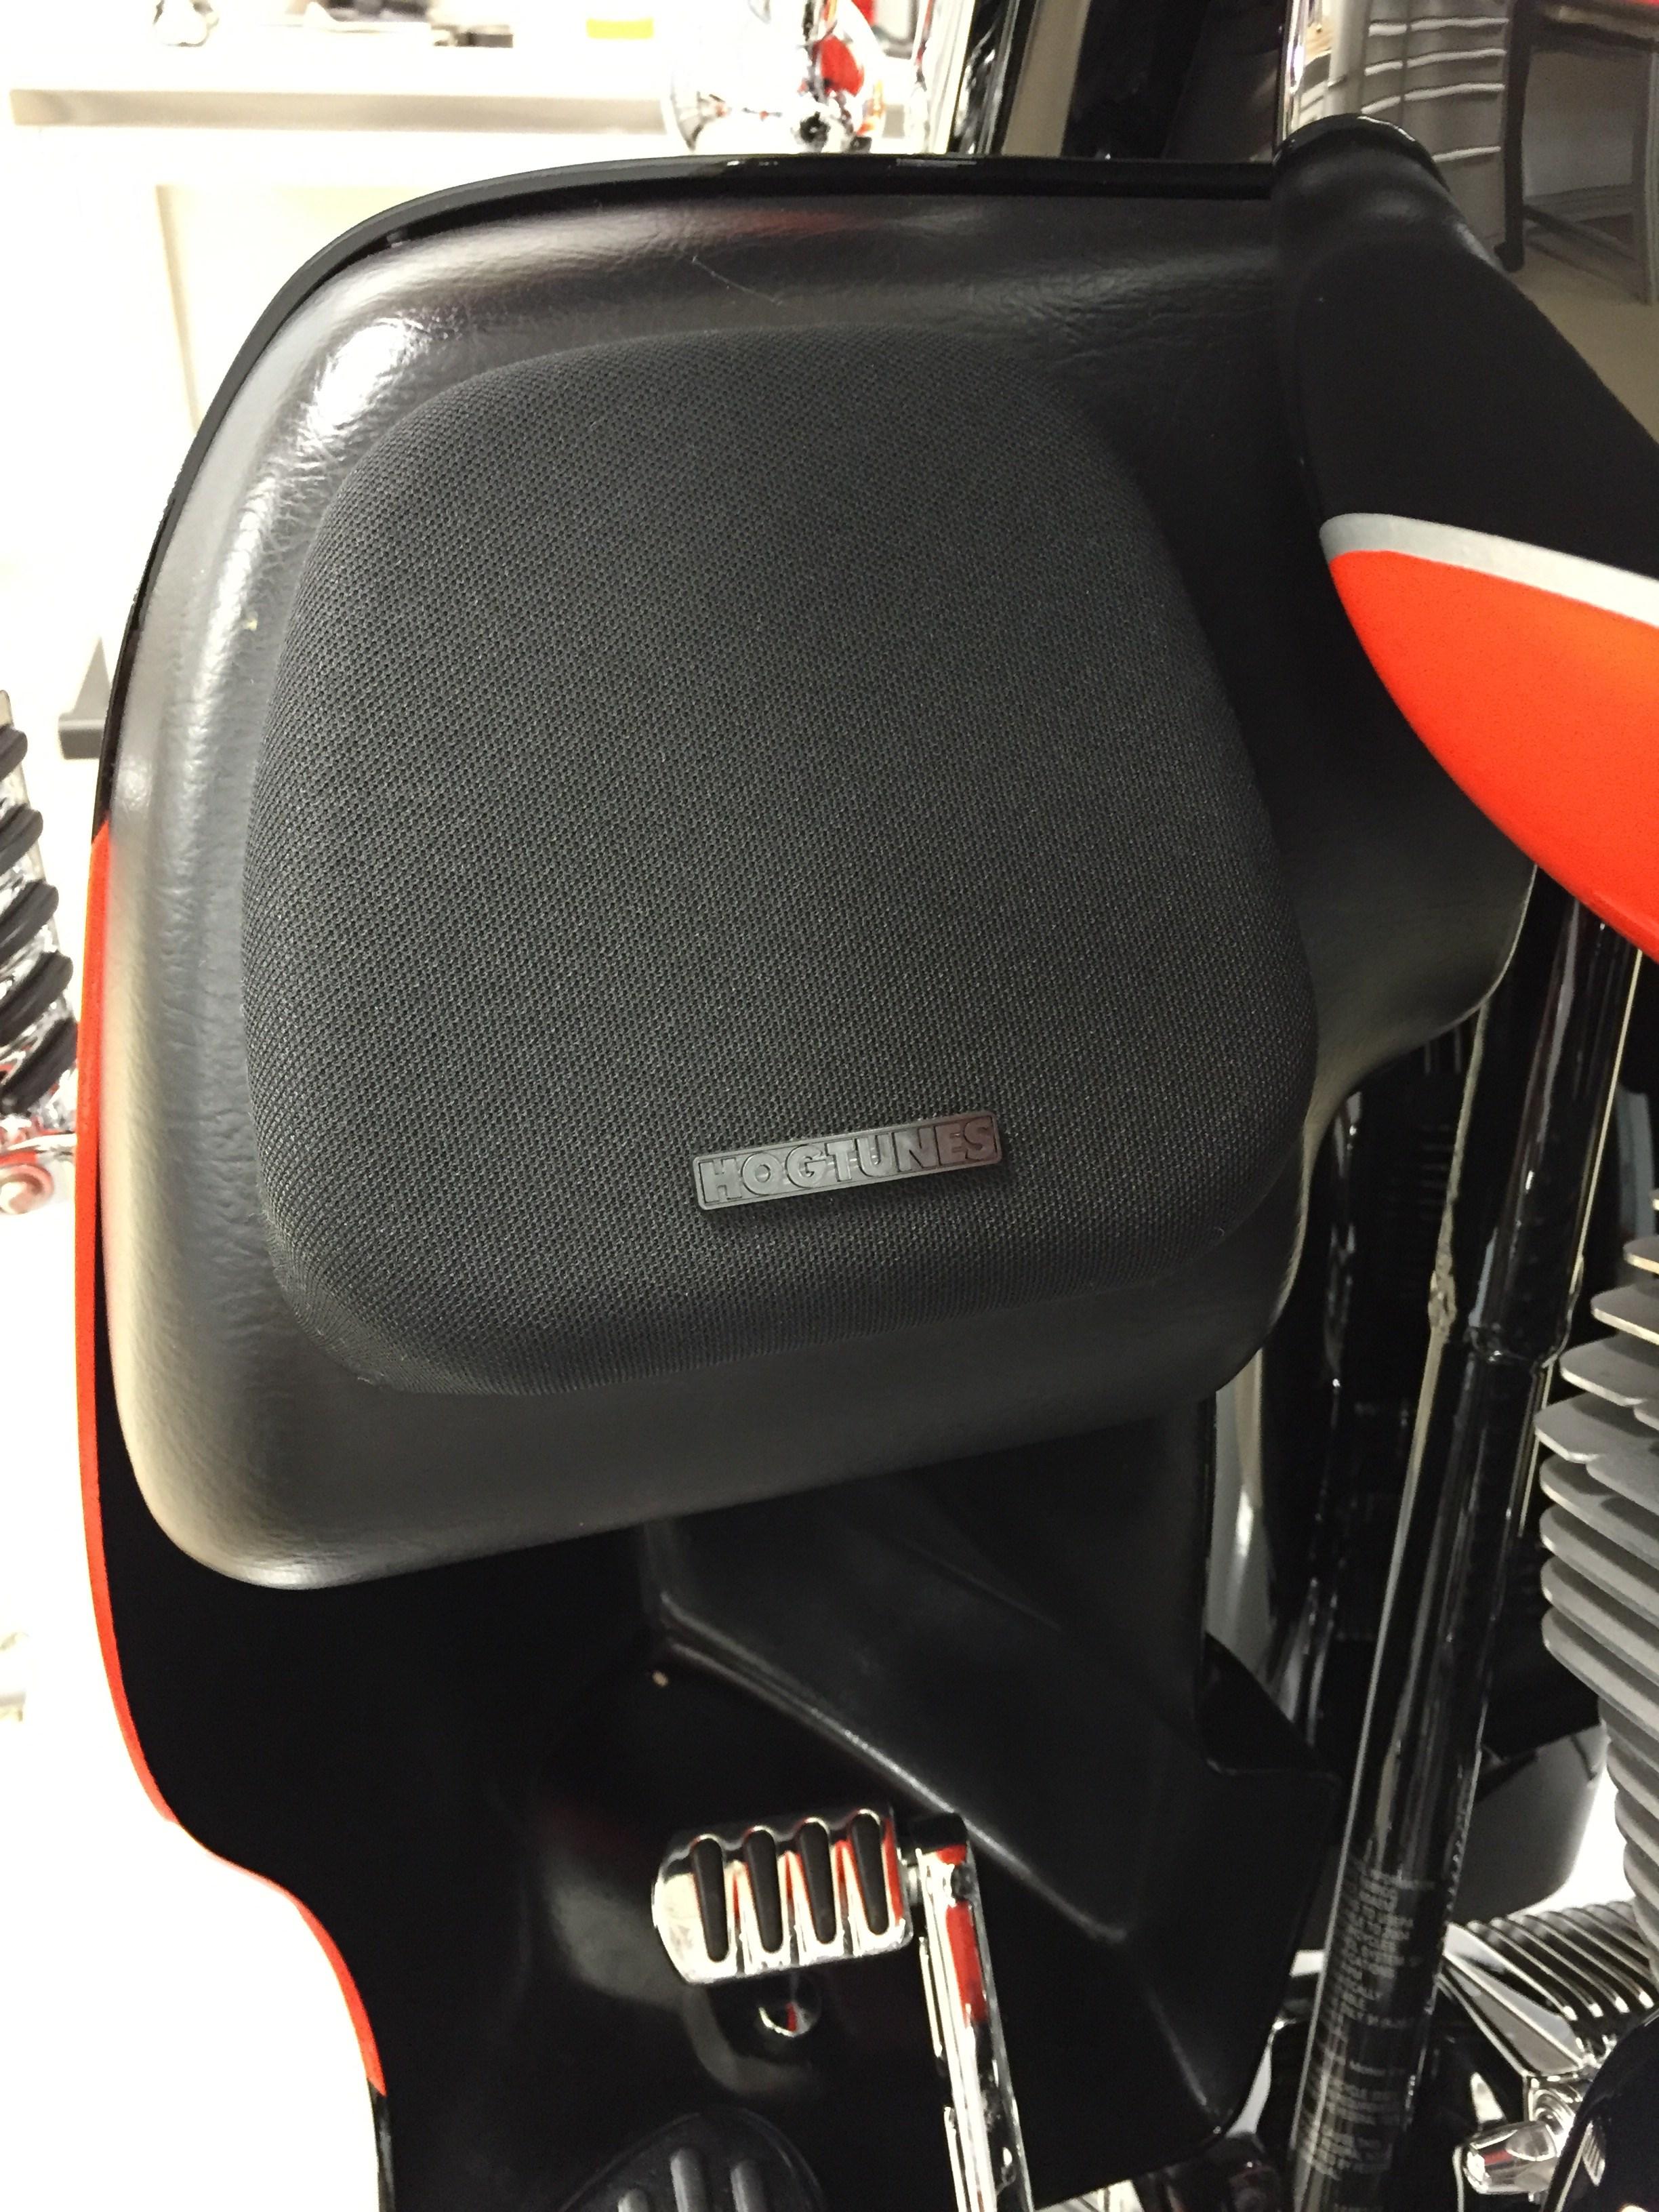 Used Harley Davidson Wheels >> 2004 Harley-Davidson® FLHTCSE Screamin' Eagle® Electra ...